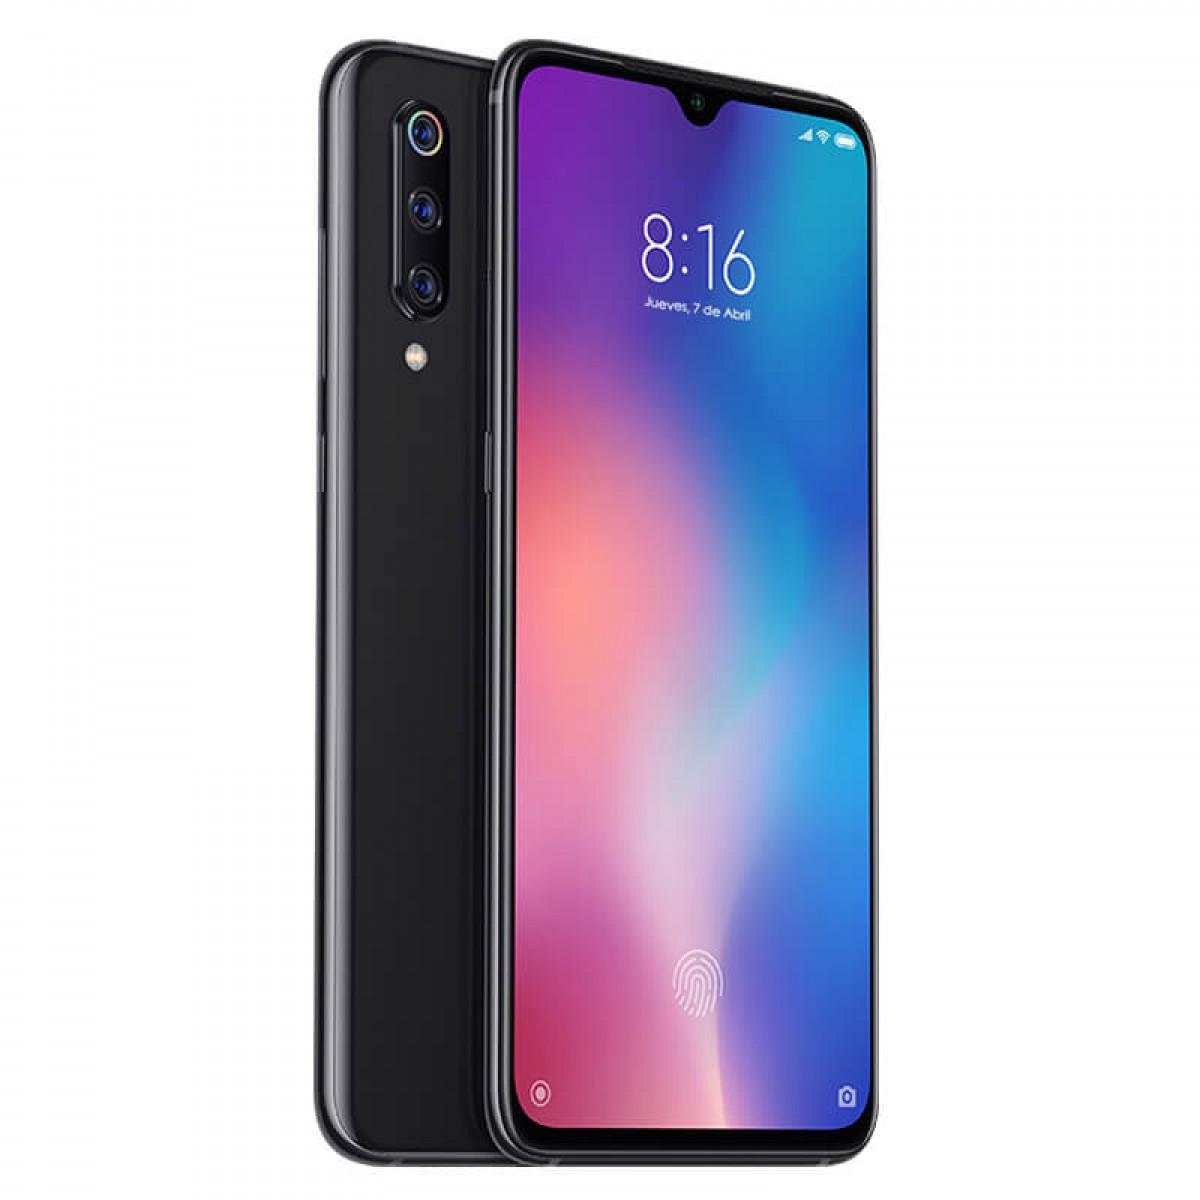 Xiaomi Mi 9 - smartphone